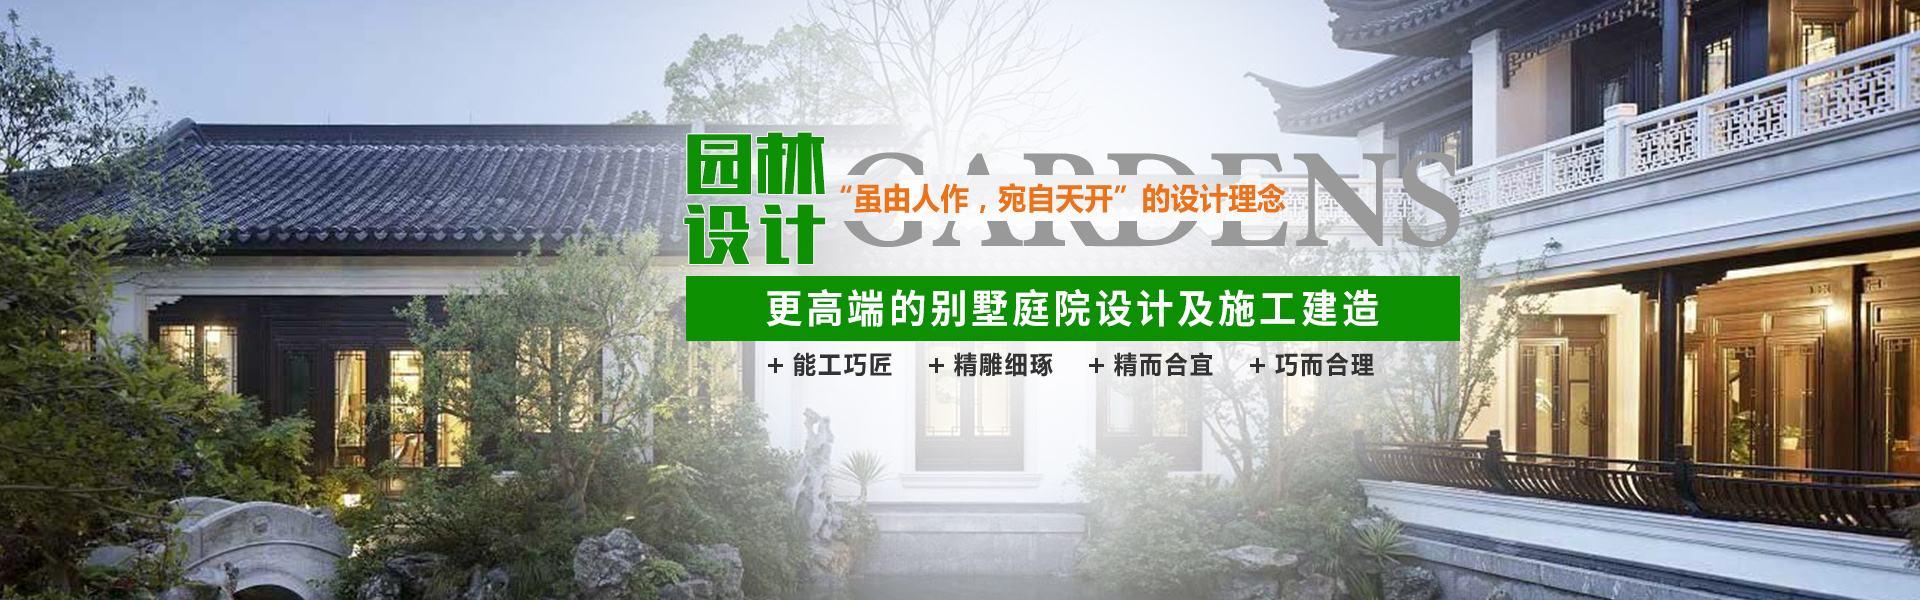 淄博庭院景观|庭院景观设计|庭院景观施工|庭院假山景观-淄博泓泰园林景观